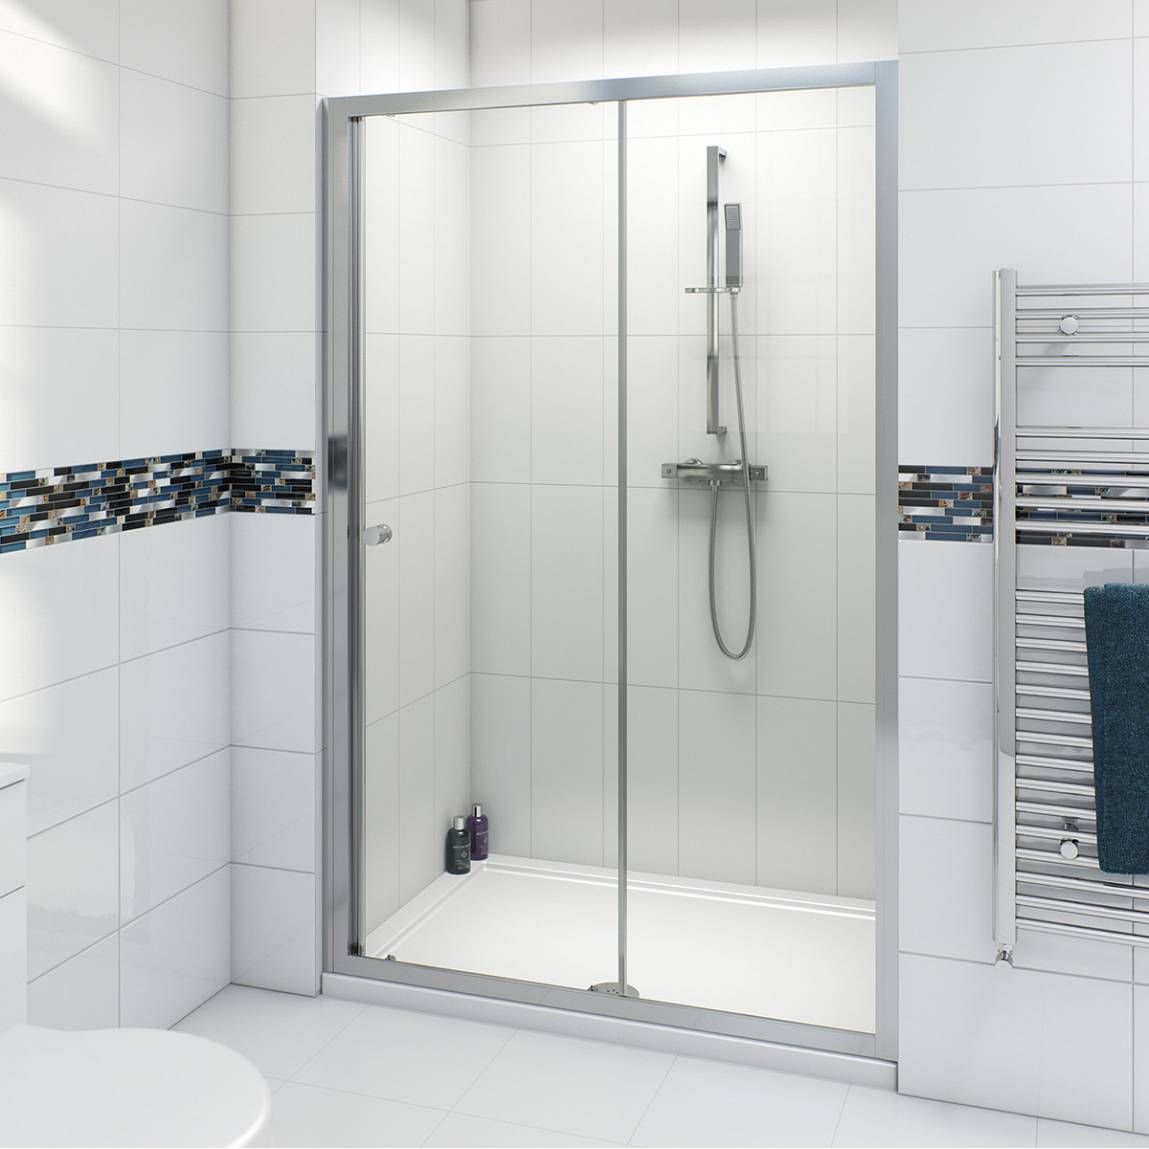 V4 Sliding Shower Door 1200 Now 79 99 Shower Doors Sliding Shower Door Frameless Sliding Shower Doors